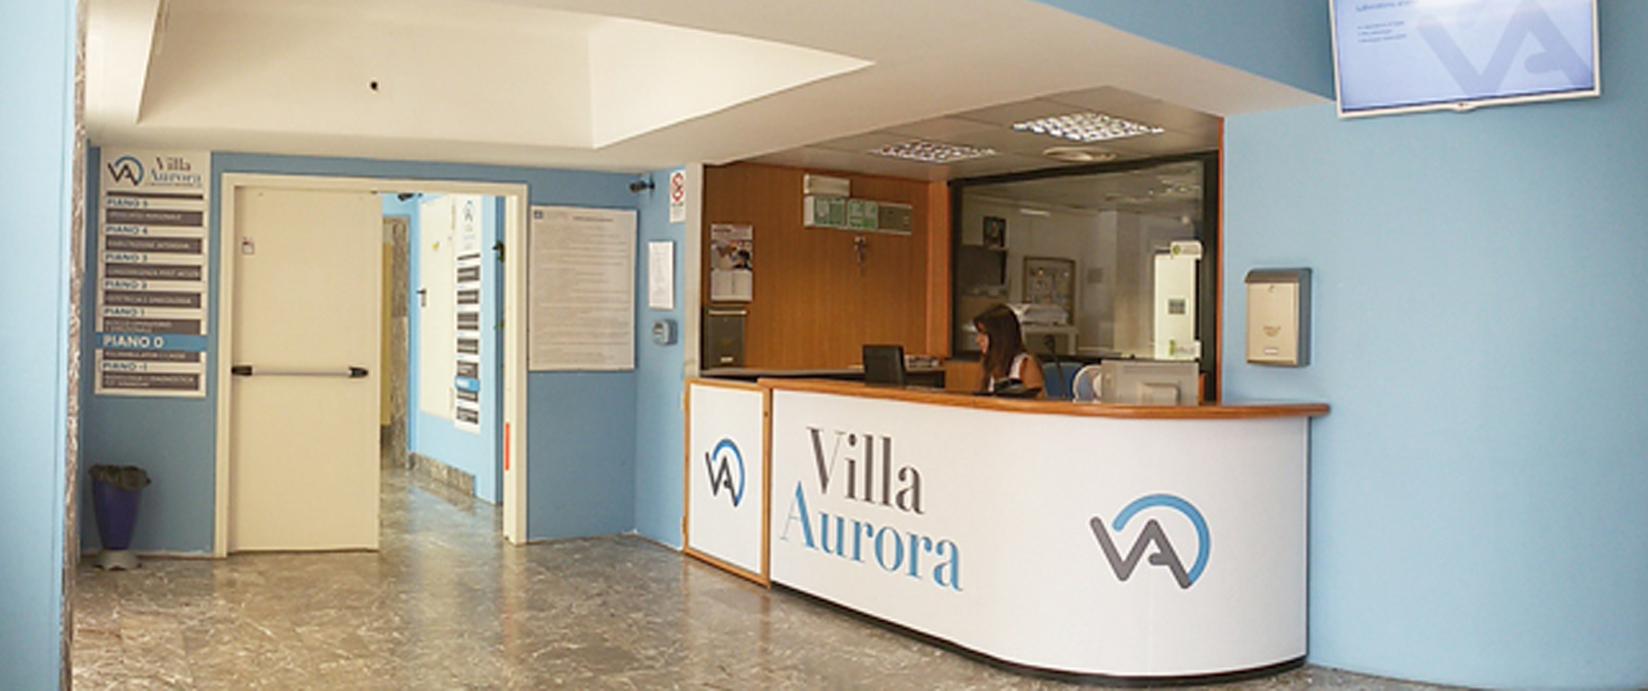 Reggio Calabria, l'Usb: «Perchè non pensare a rendere pubblica Villa Aurora?»